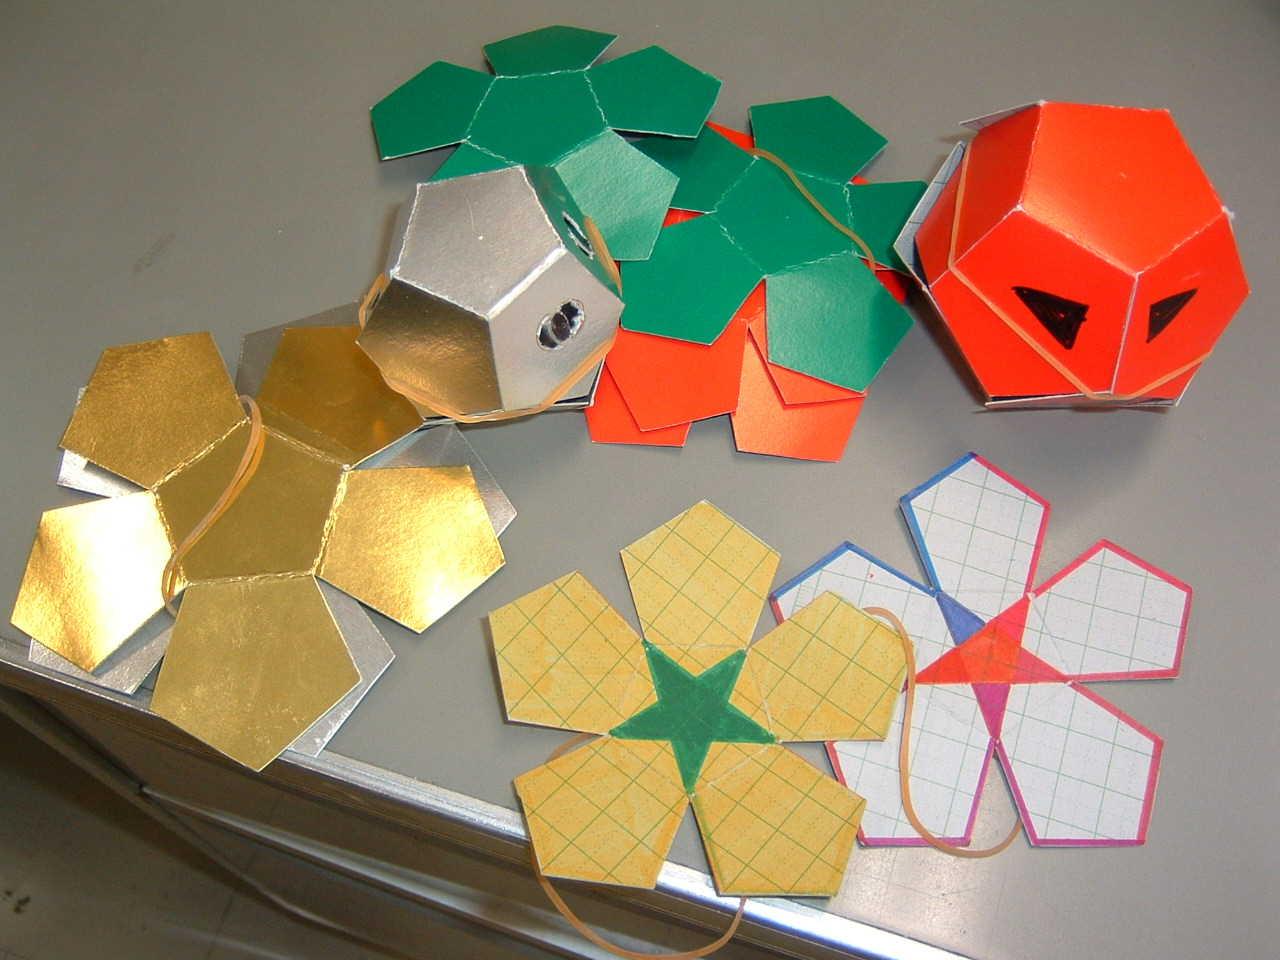 五角形12面体1